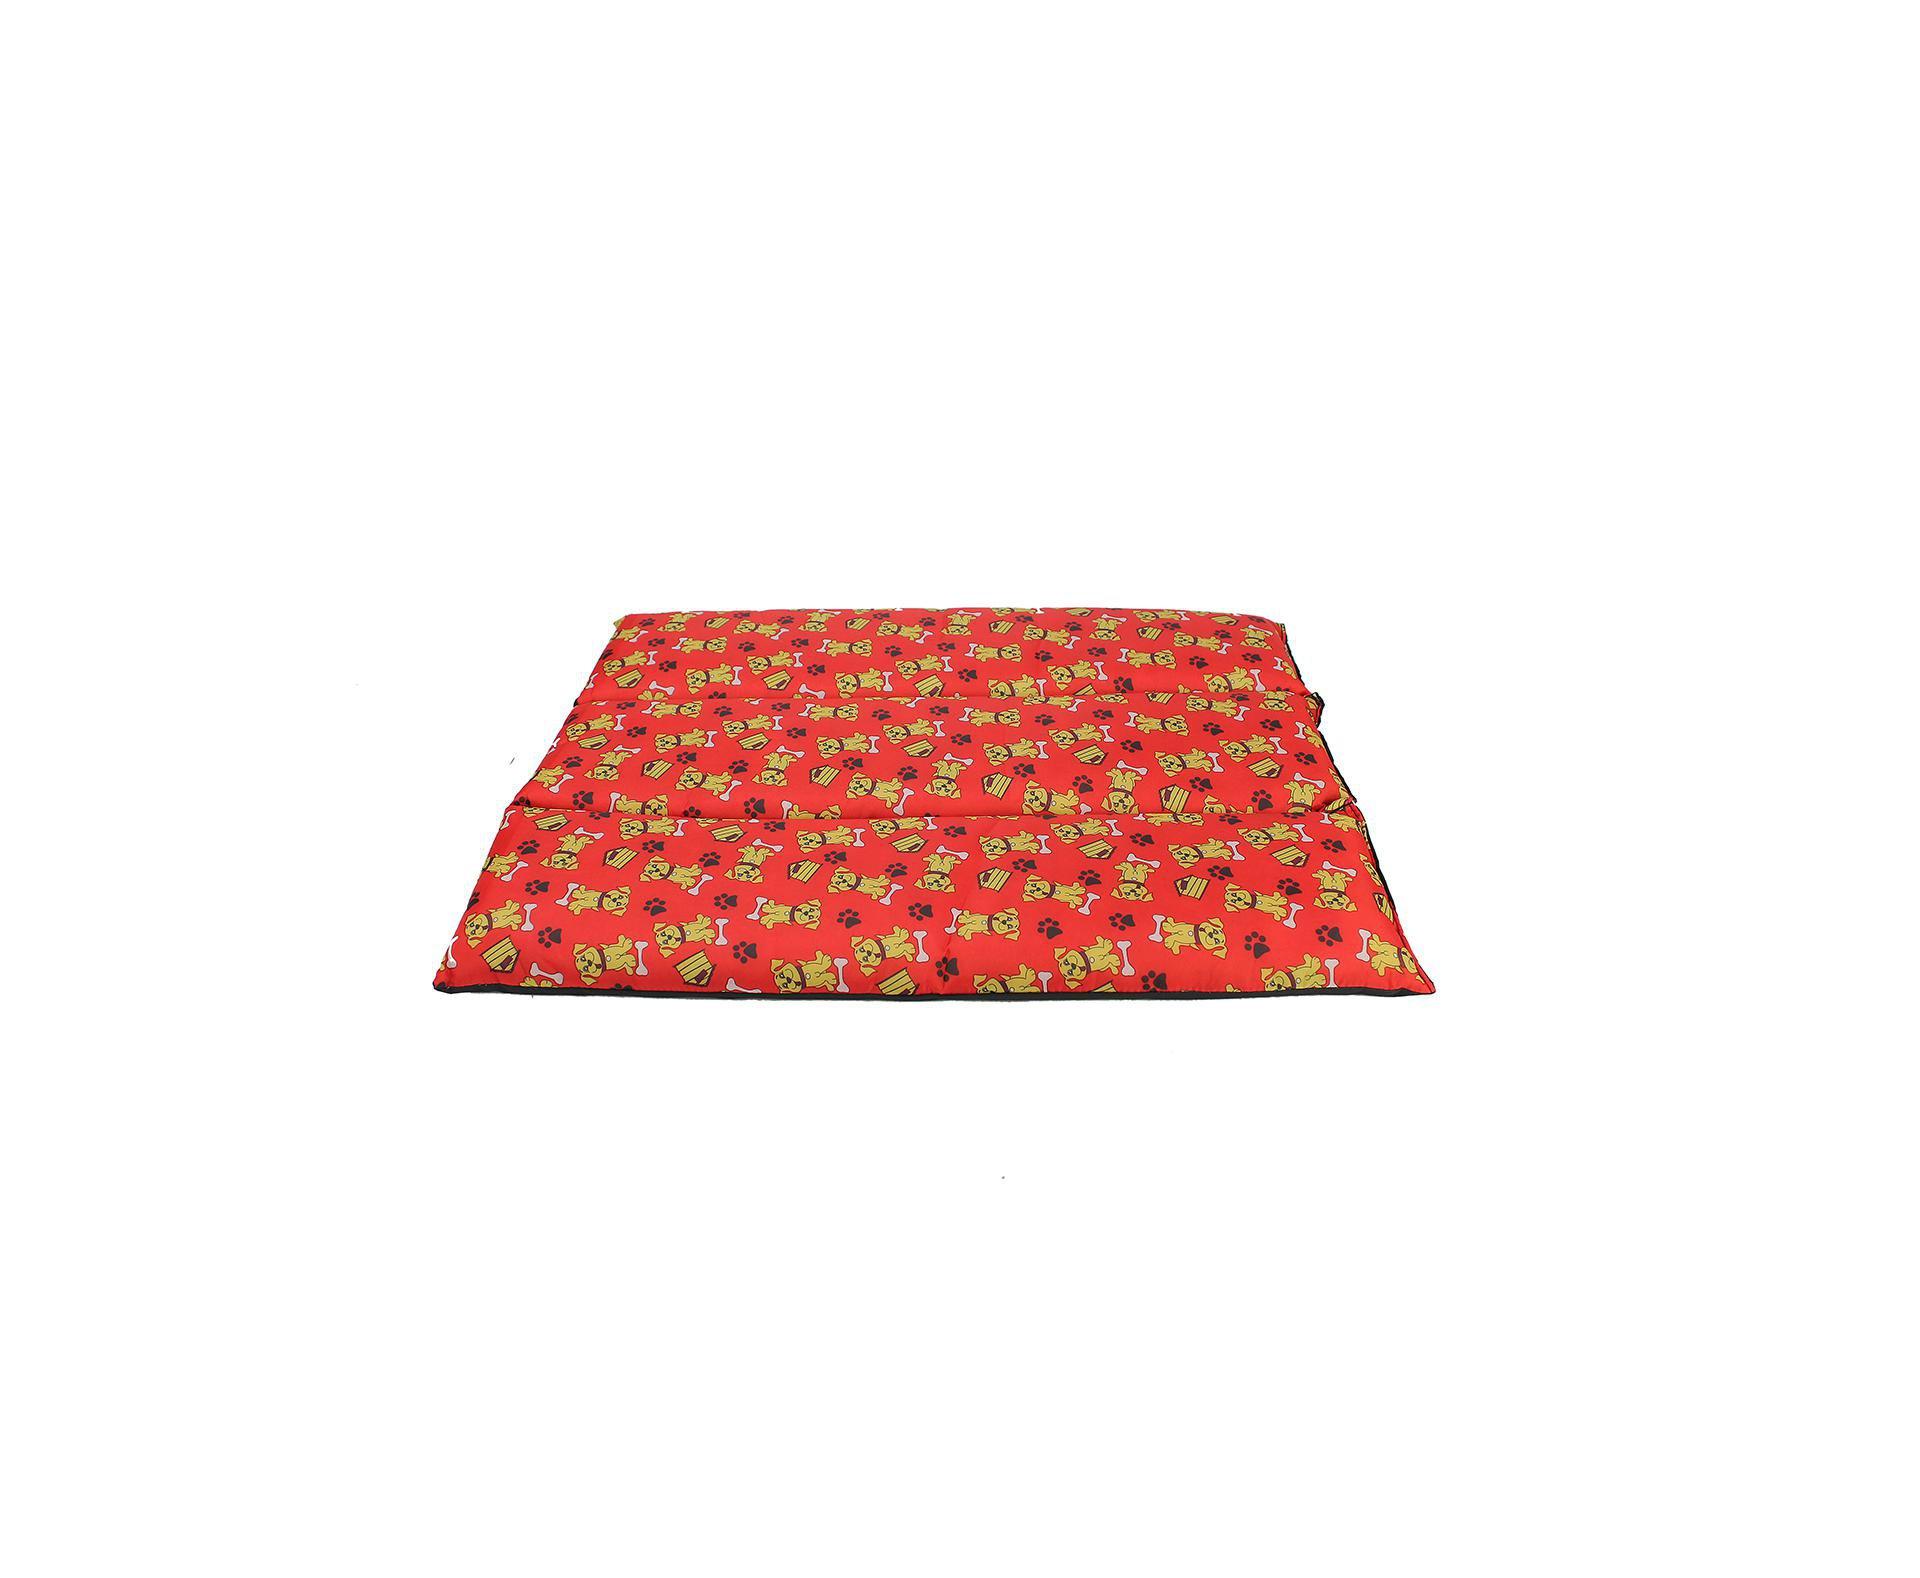 Almofada De Nylon N4  Gg 100x80cm  Vermelho - Furacãopet